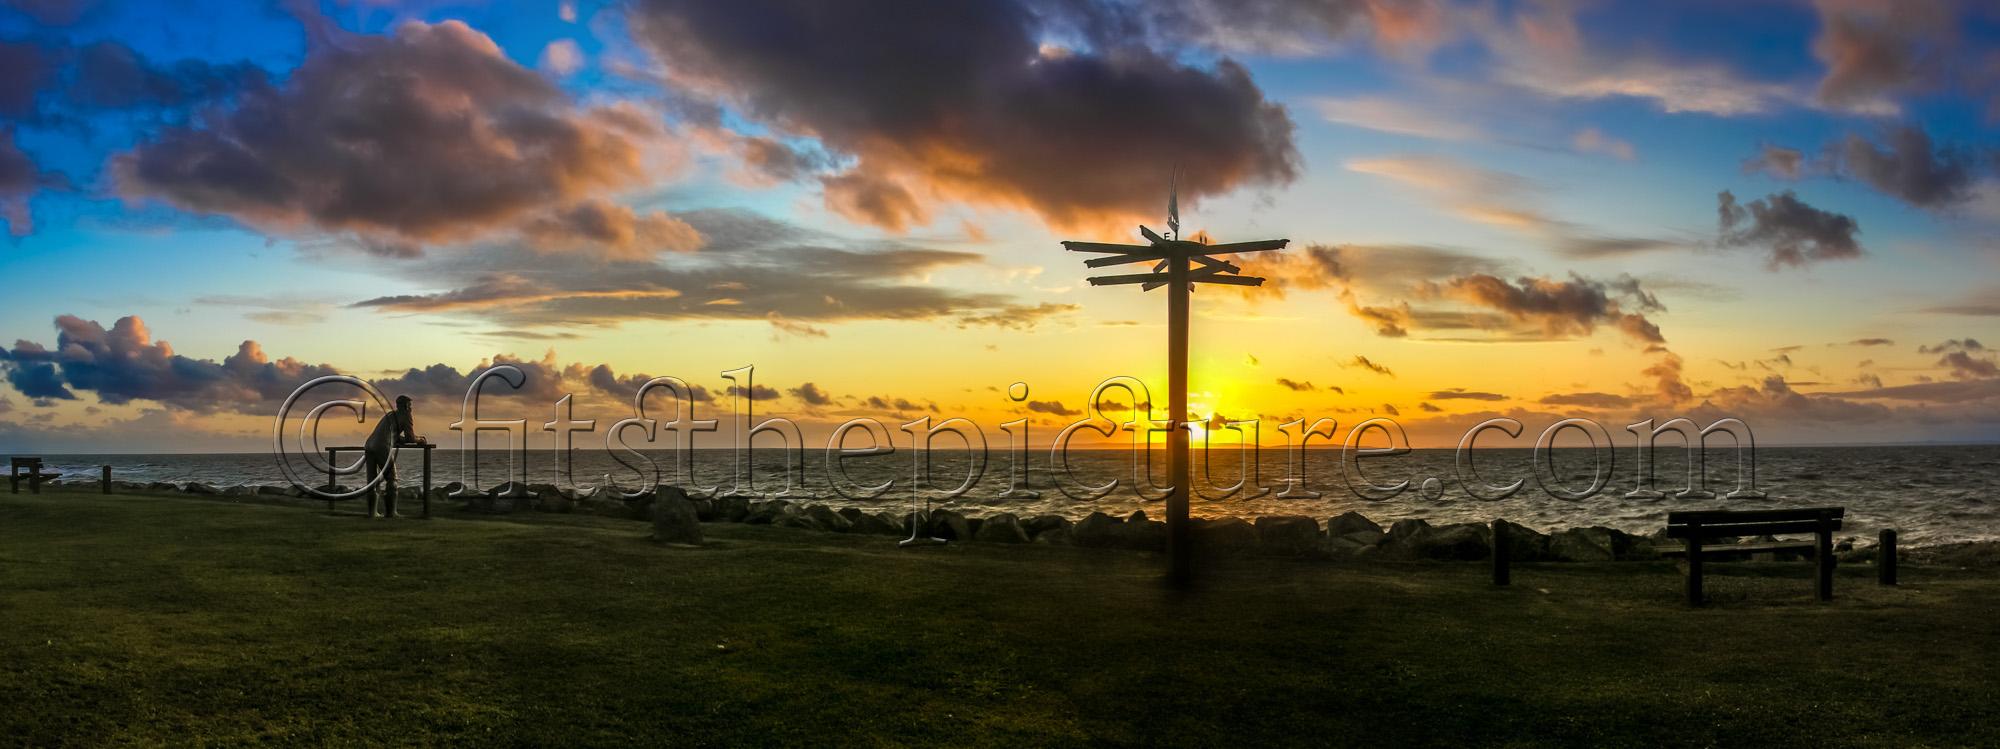 Port William sunset